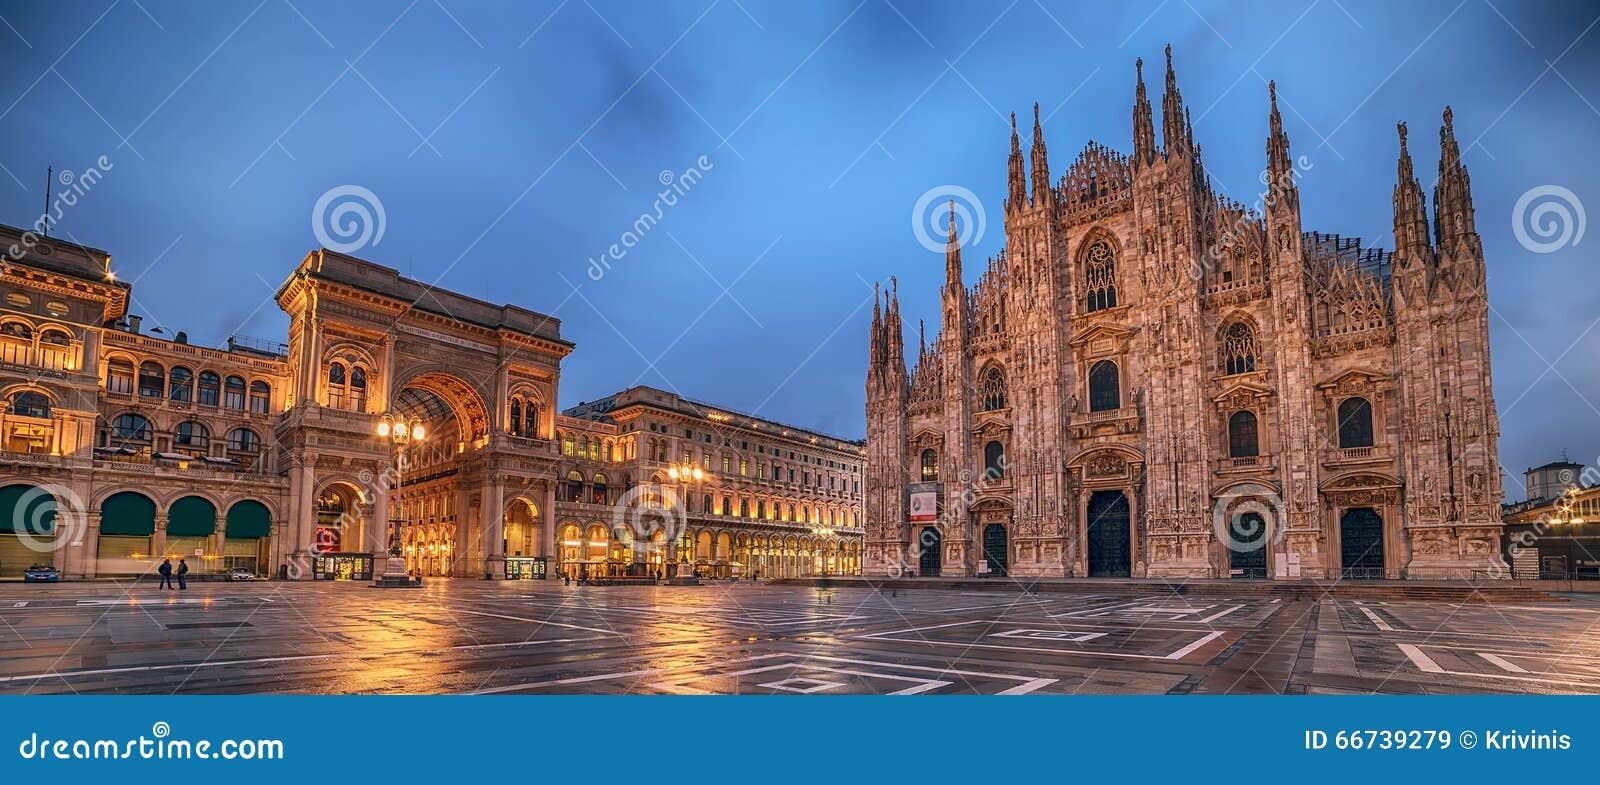 Milão, Itália: Praça del Domo, quadrado da catedral